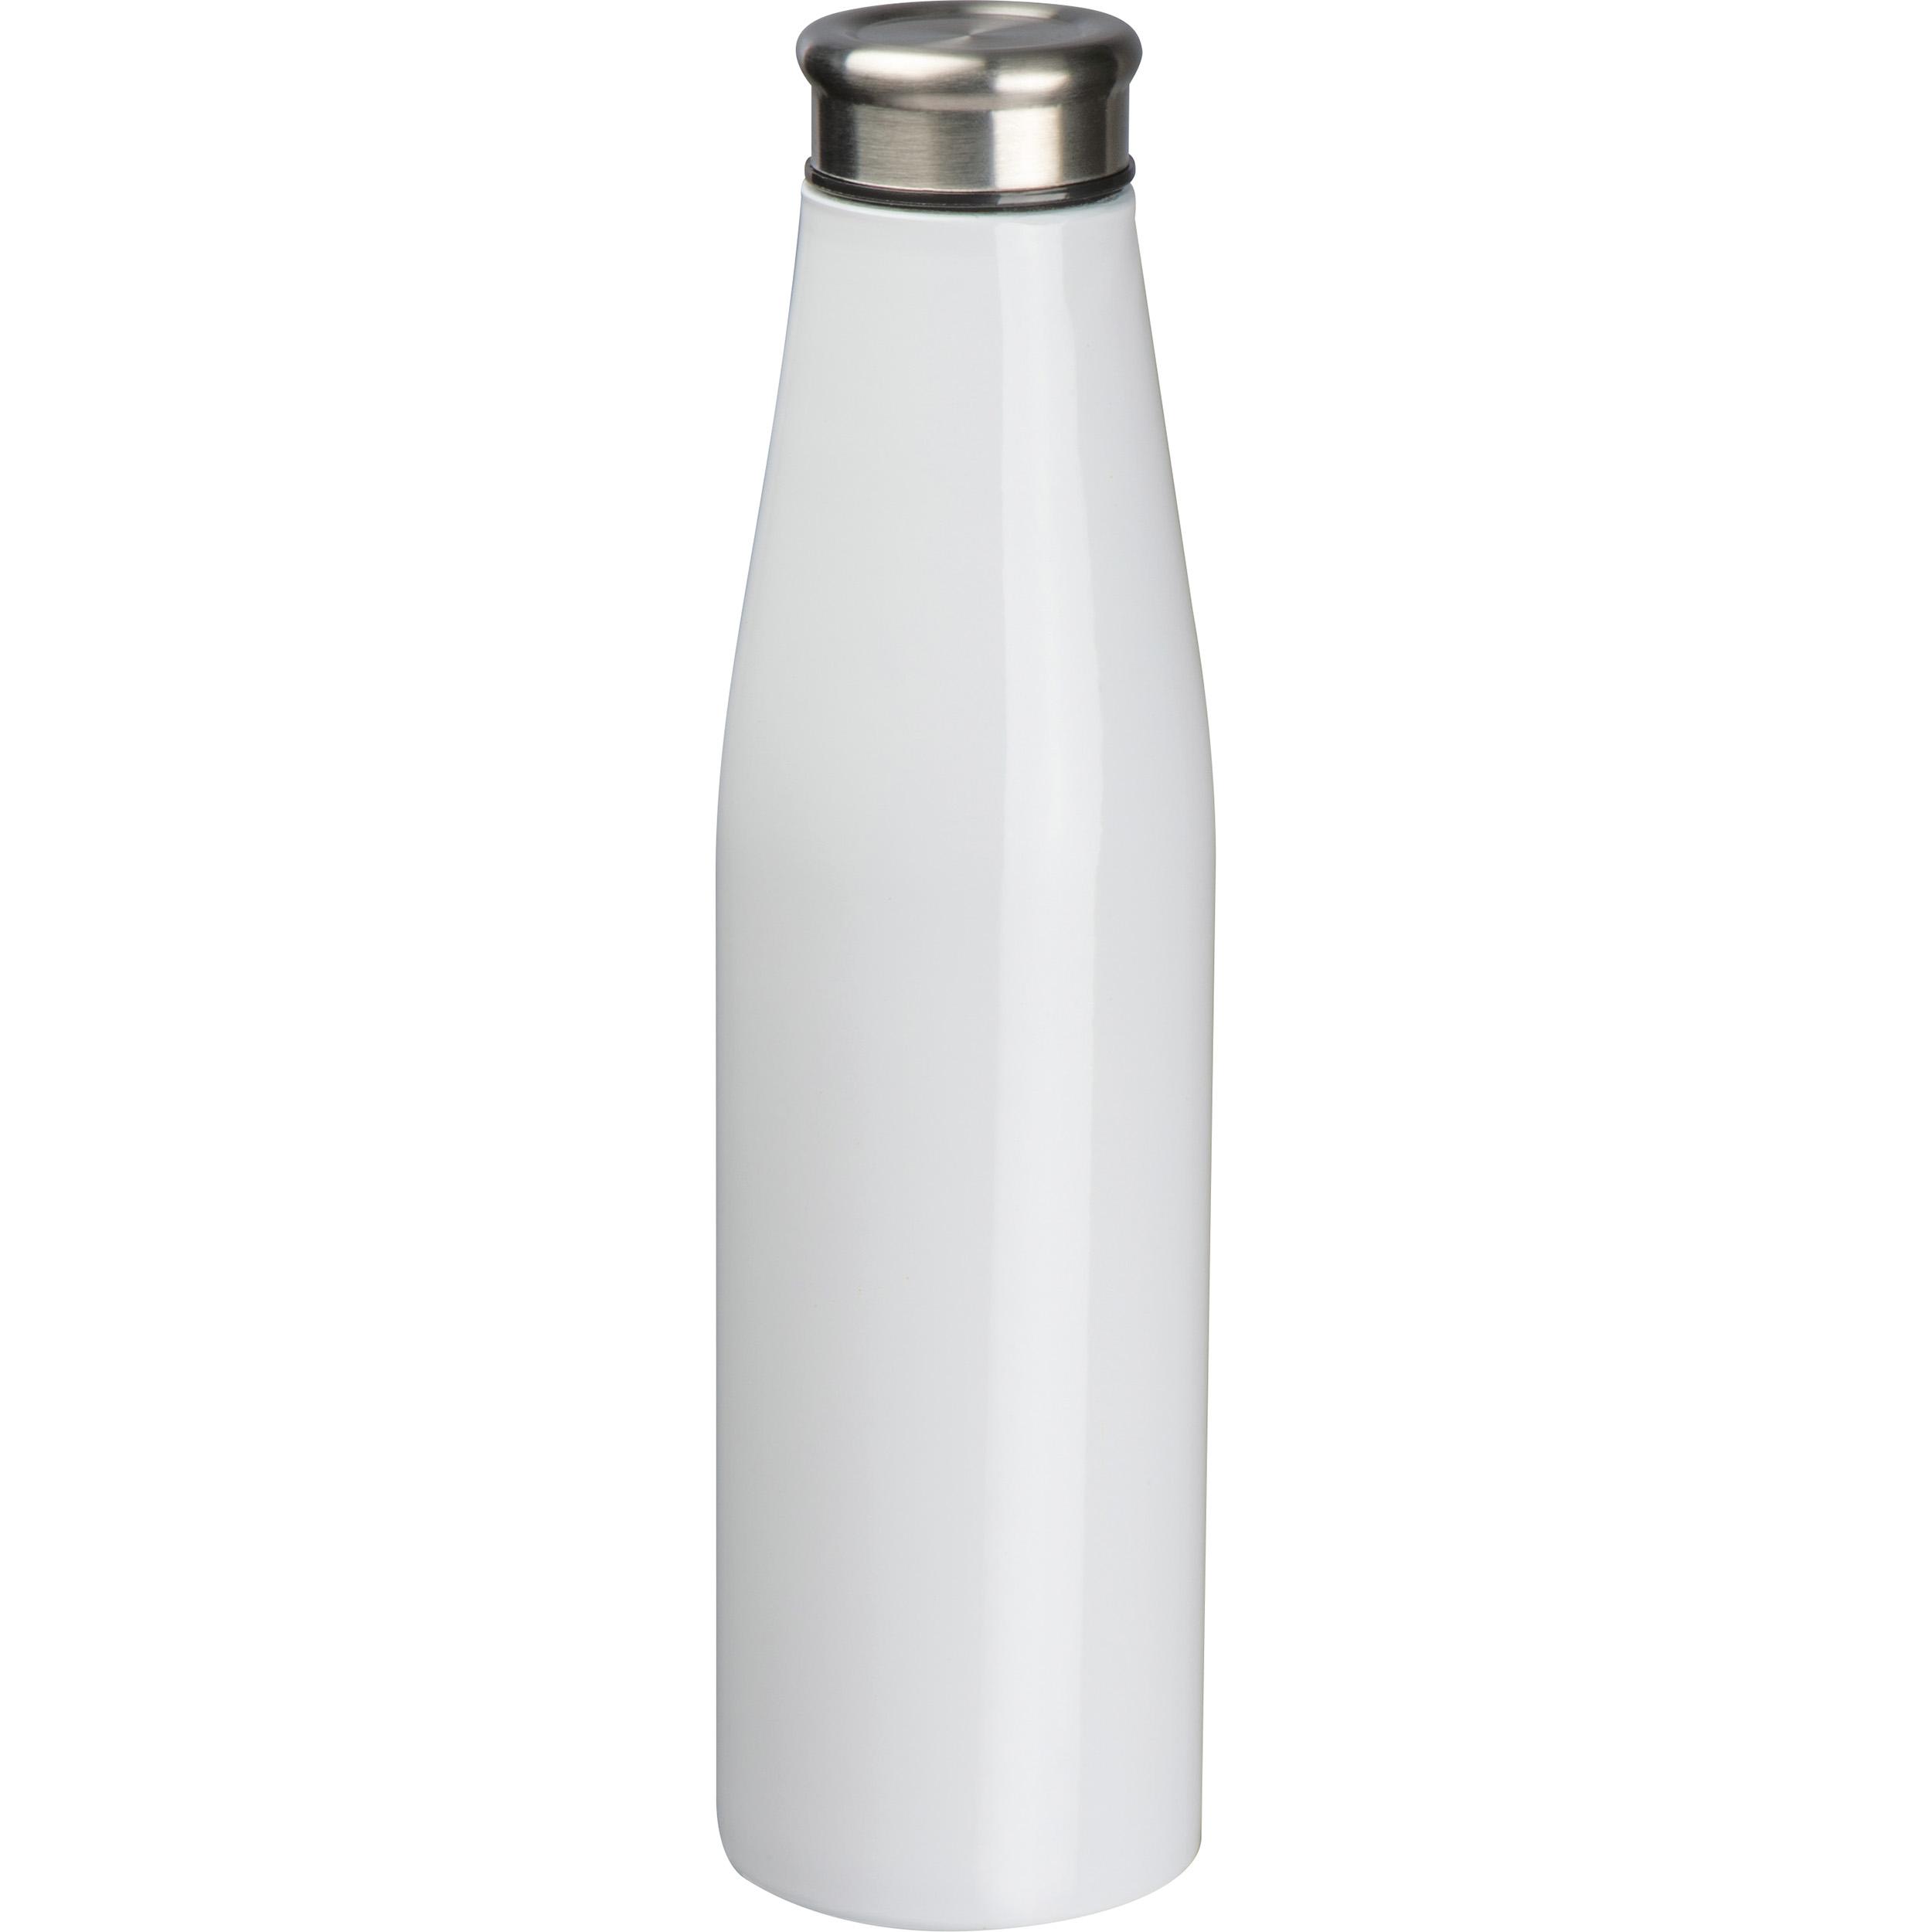 Trinkflasche mit 750 ml Füllvermögen